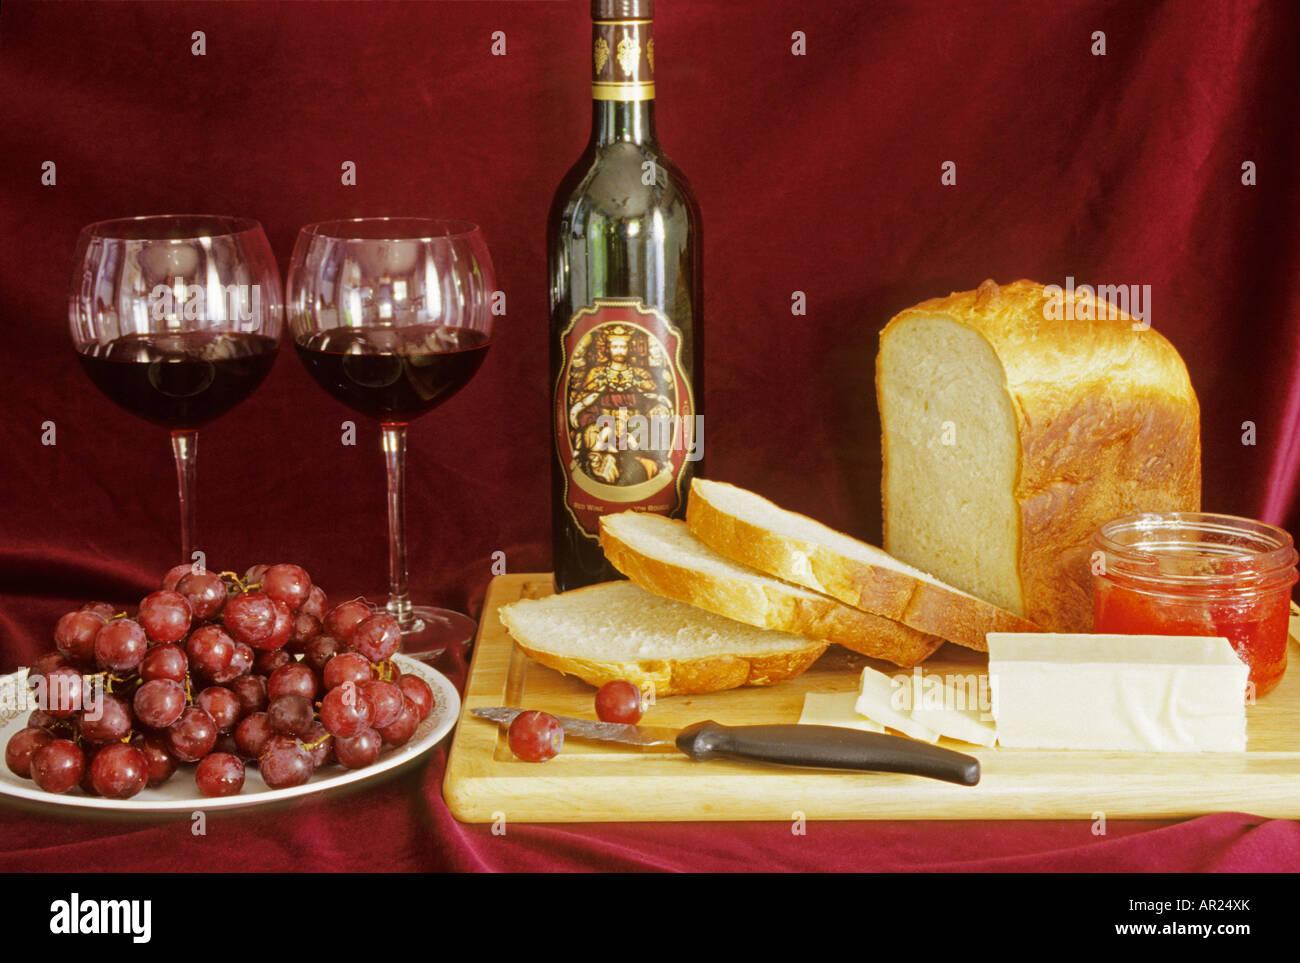 Stillleben-Tischdekoration von Brot, Wein, Käse, Marmelade, Trauben Stockbild